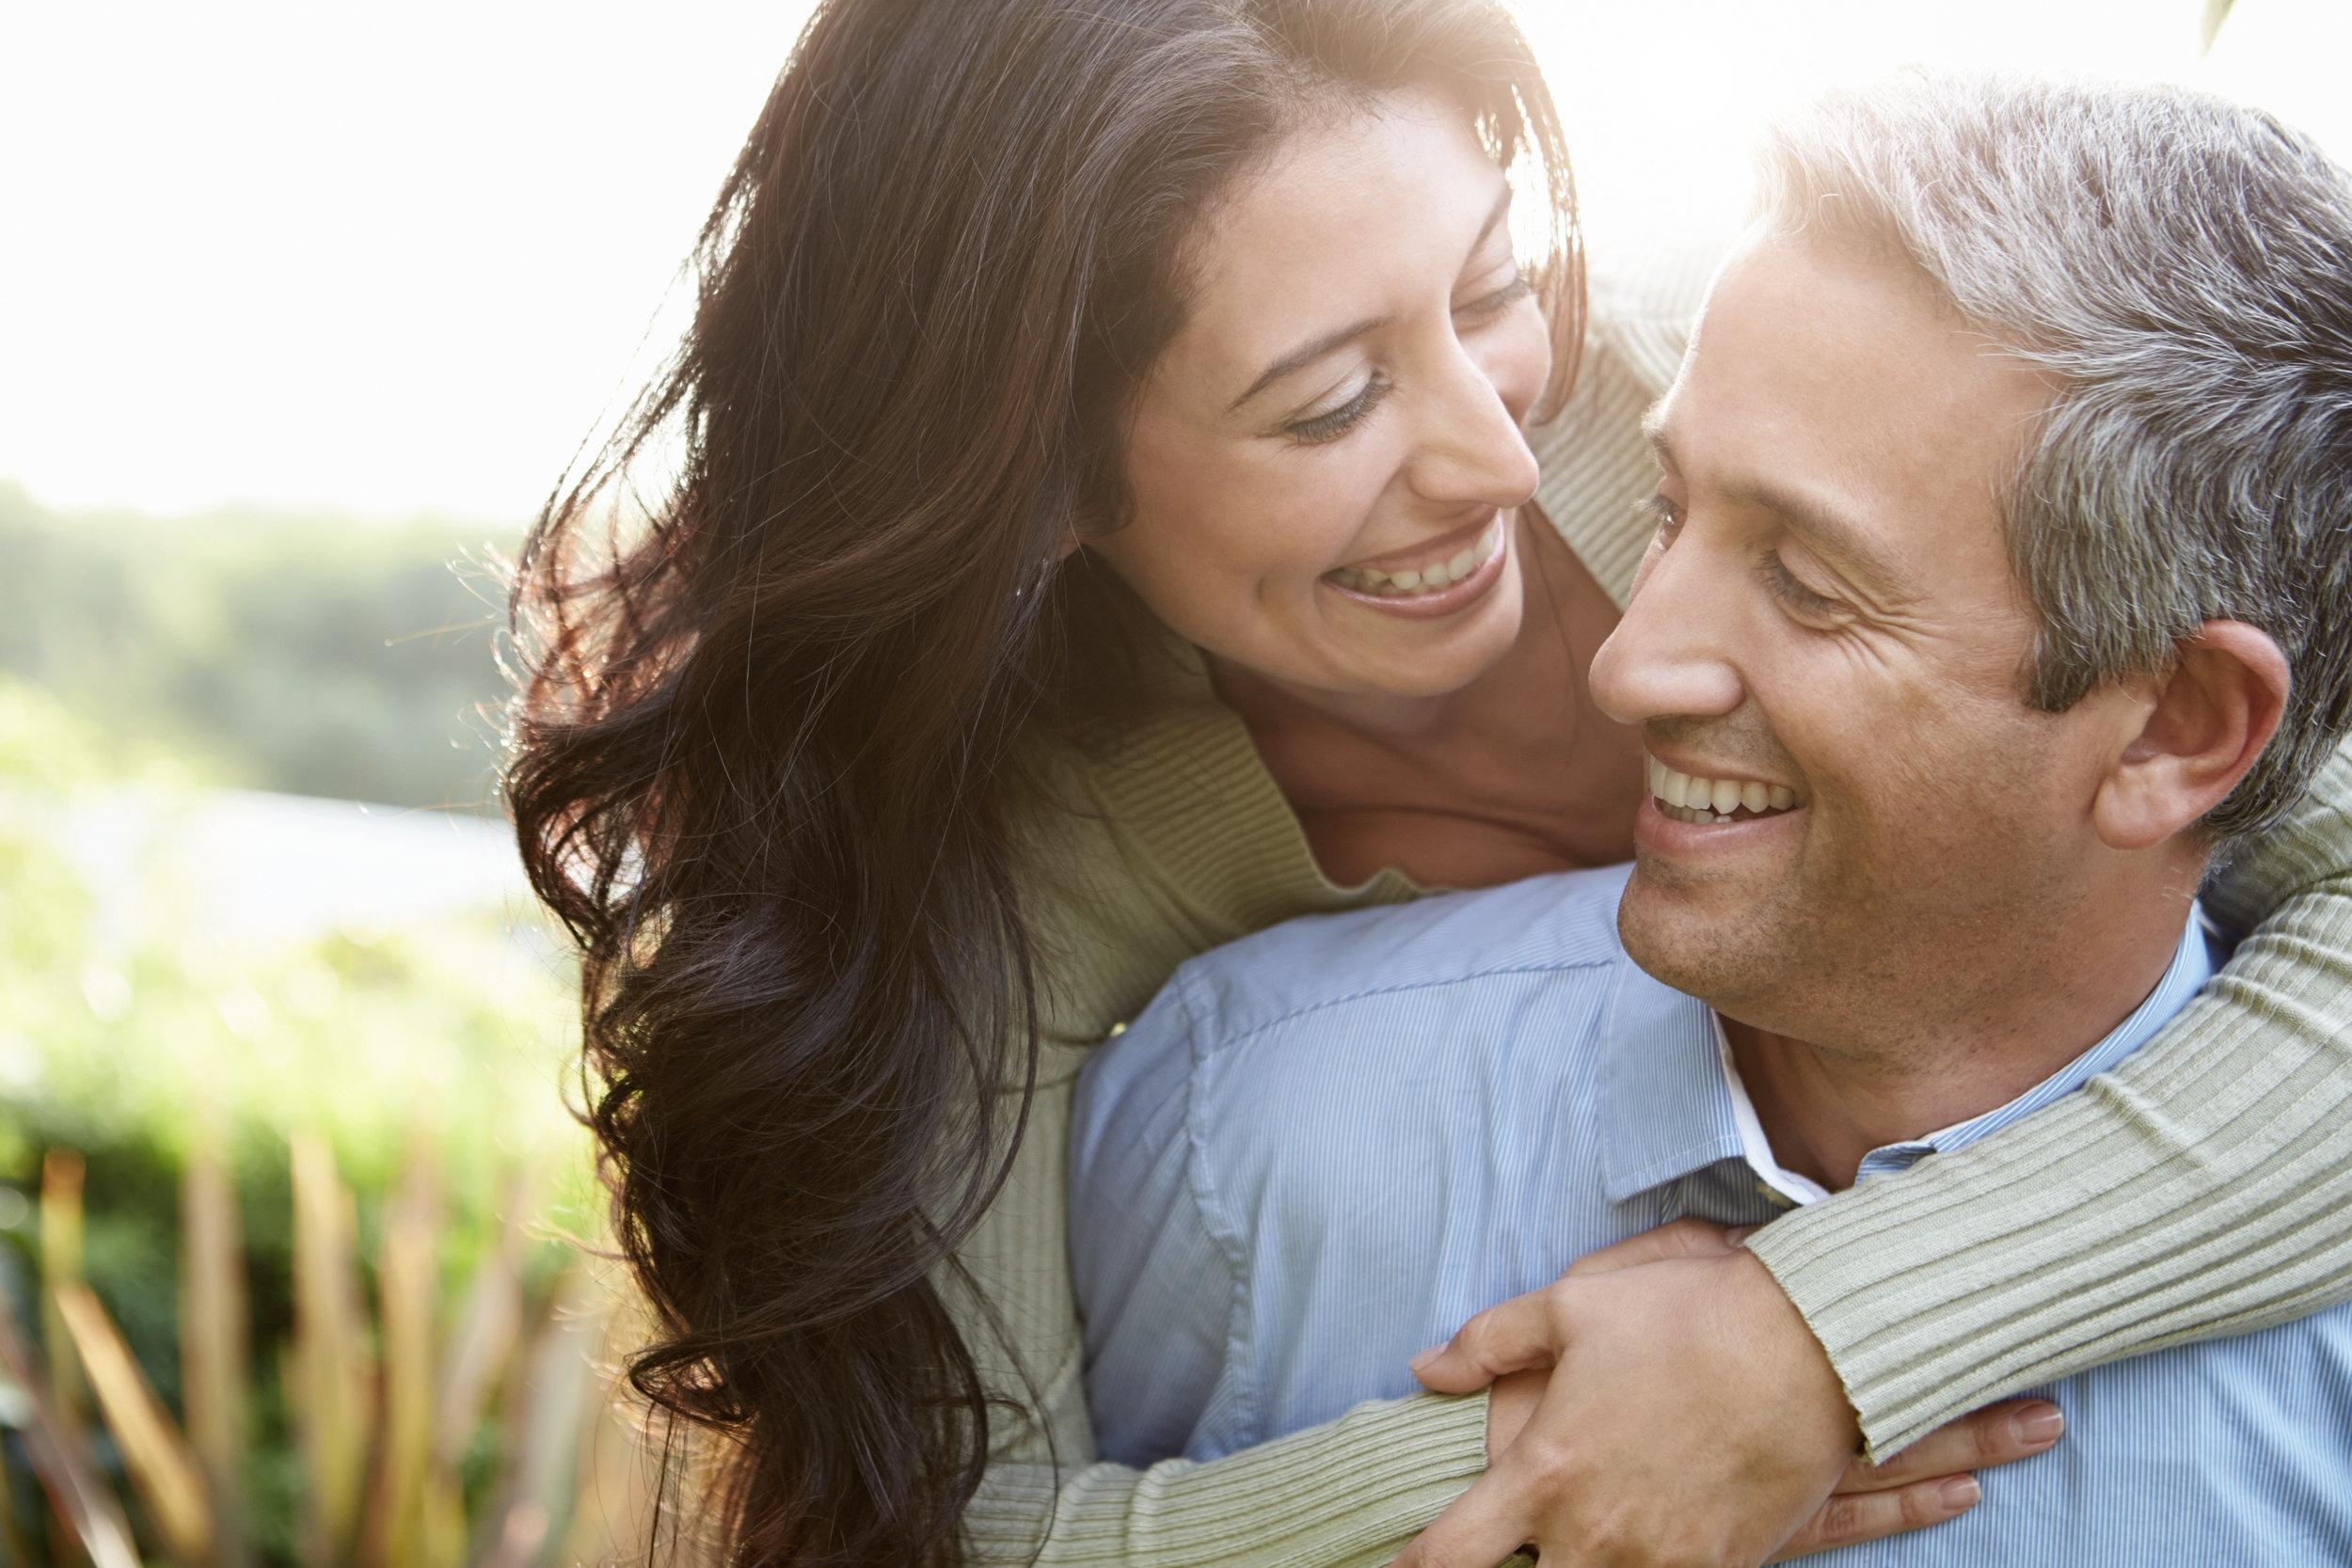 David Vaughan Dental Care Dermal Filler offer - 1 volume £150.002 volumes £280.003 volumes £380.00